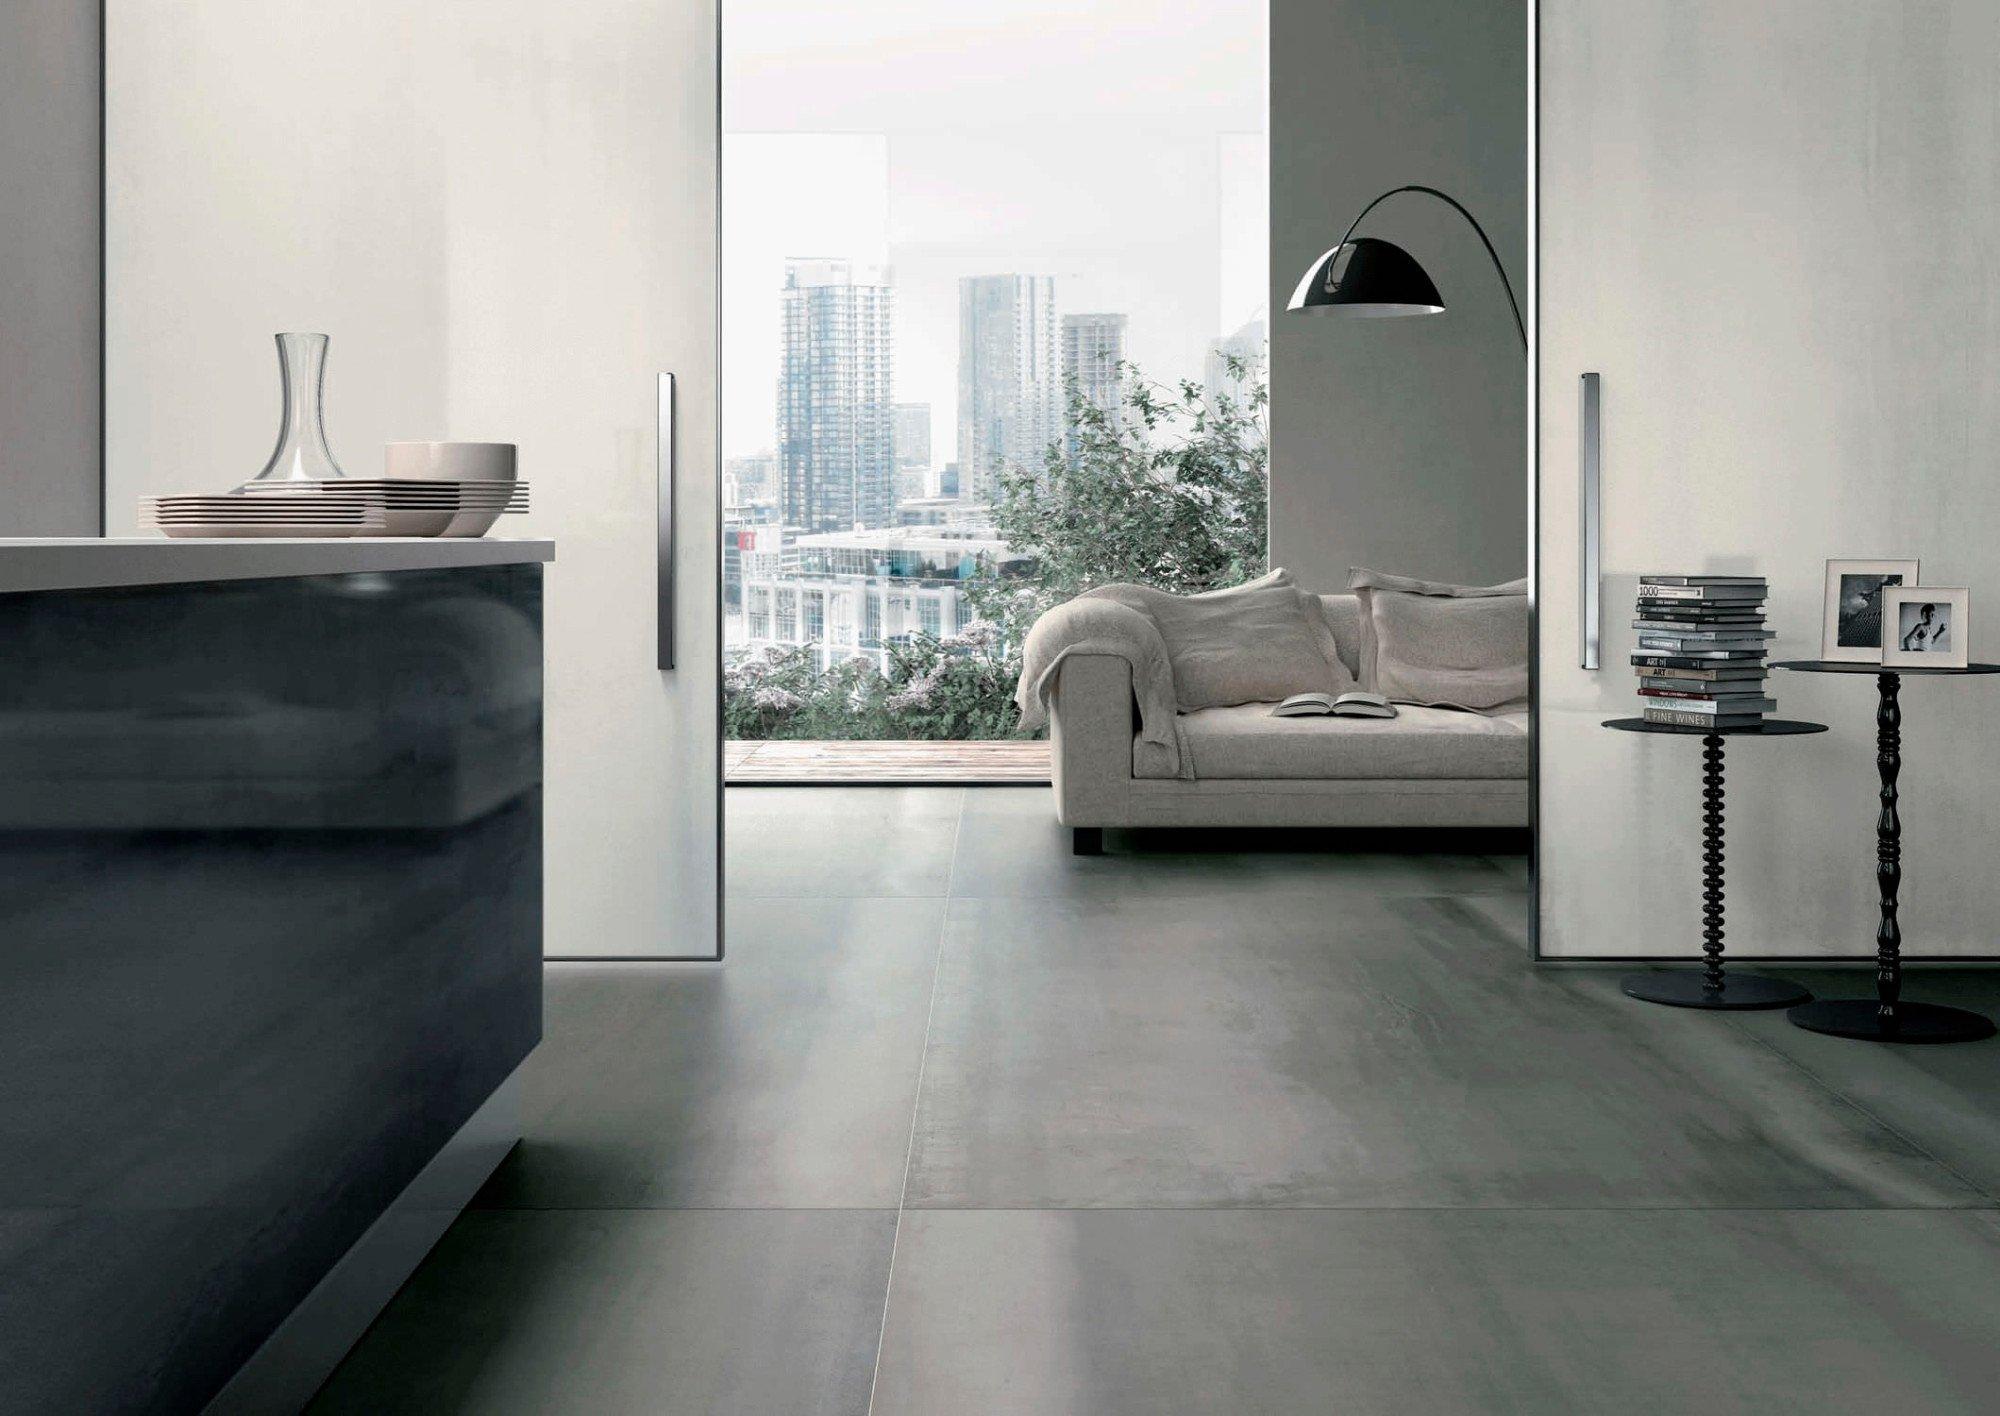 schwimmb der fliesen und platten einsatzbereiche baunetz wissen. Black Bedroom Furniture Sets. Home Design Ideas